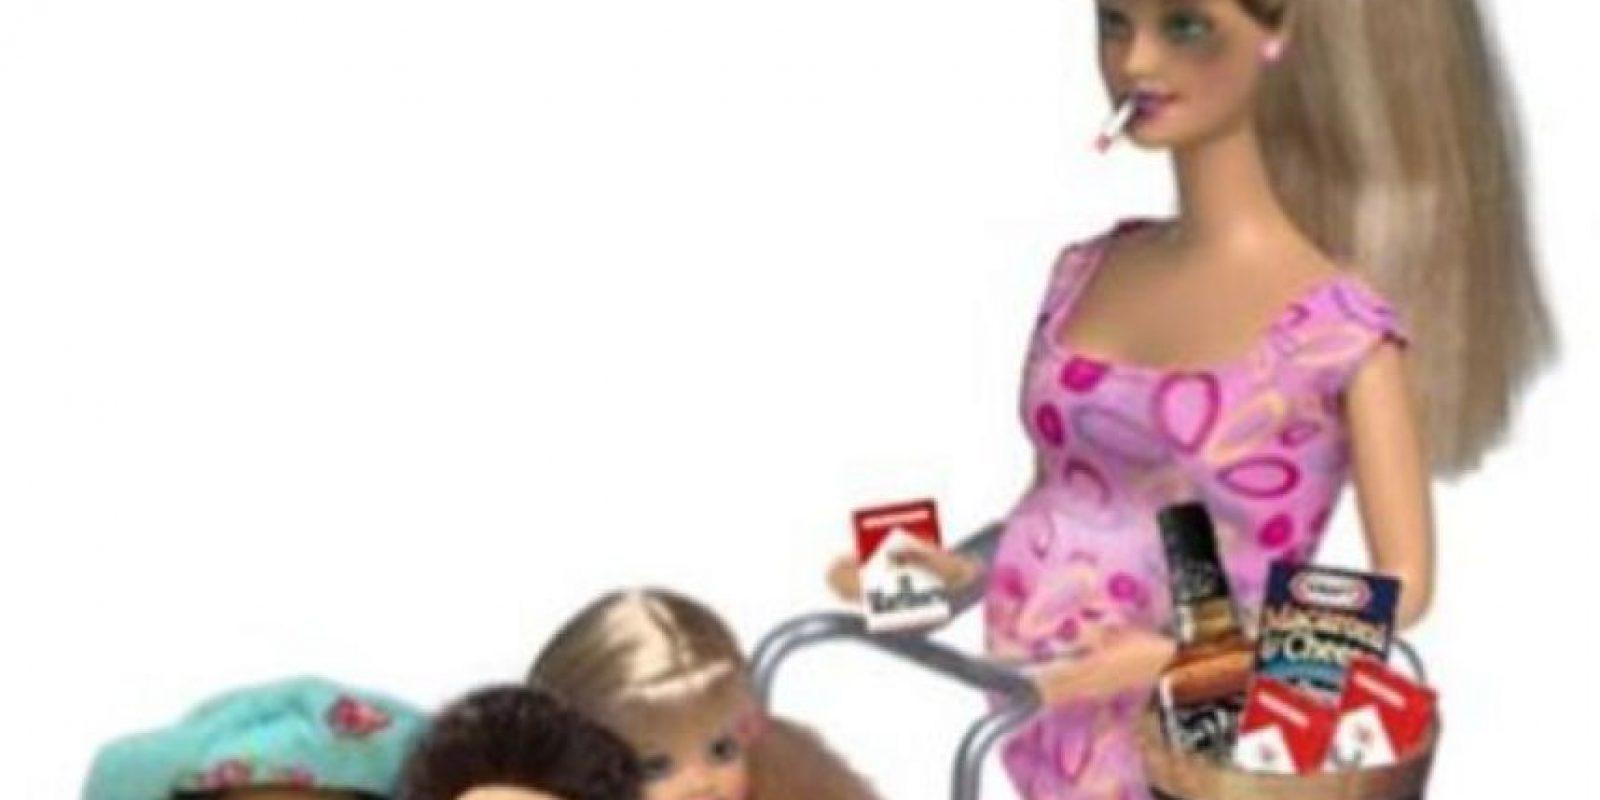 """Esta Barbie """"inmigrante ilegal"""" del sitio humorístico """"Hot Points Case"""" ha causado polémica por burlarse de la situación de muchas personas en territorio estadounidense. Foto:HotPointsCase"""